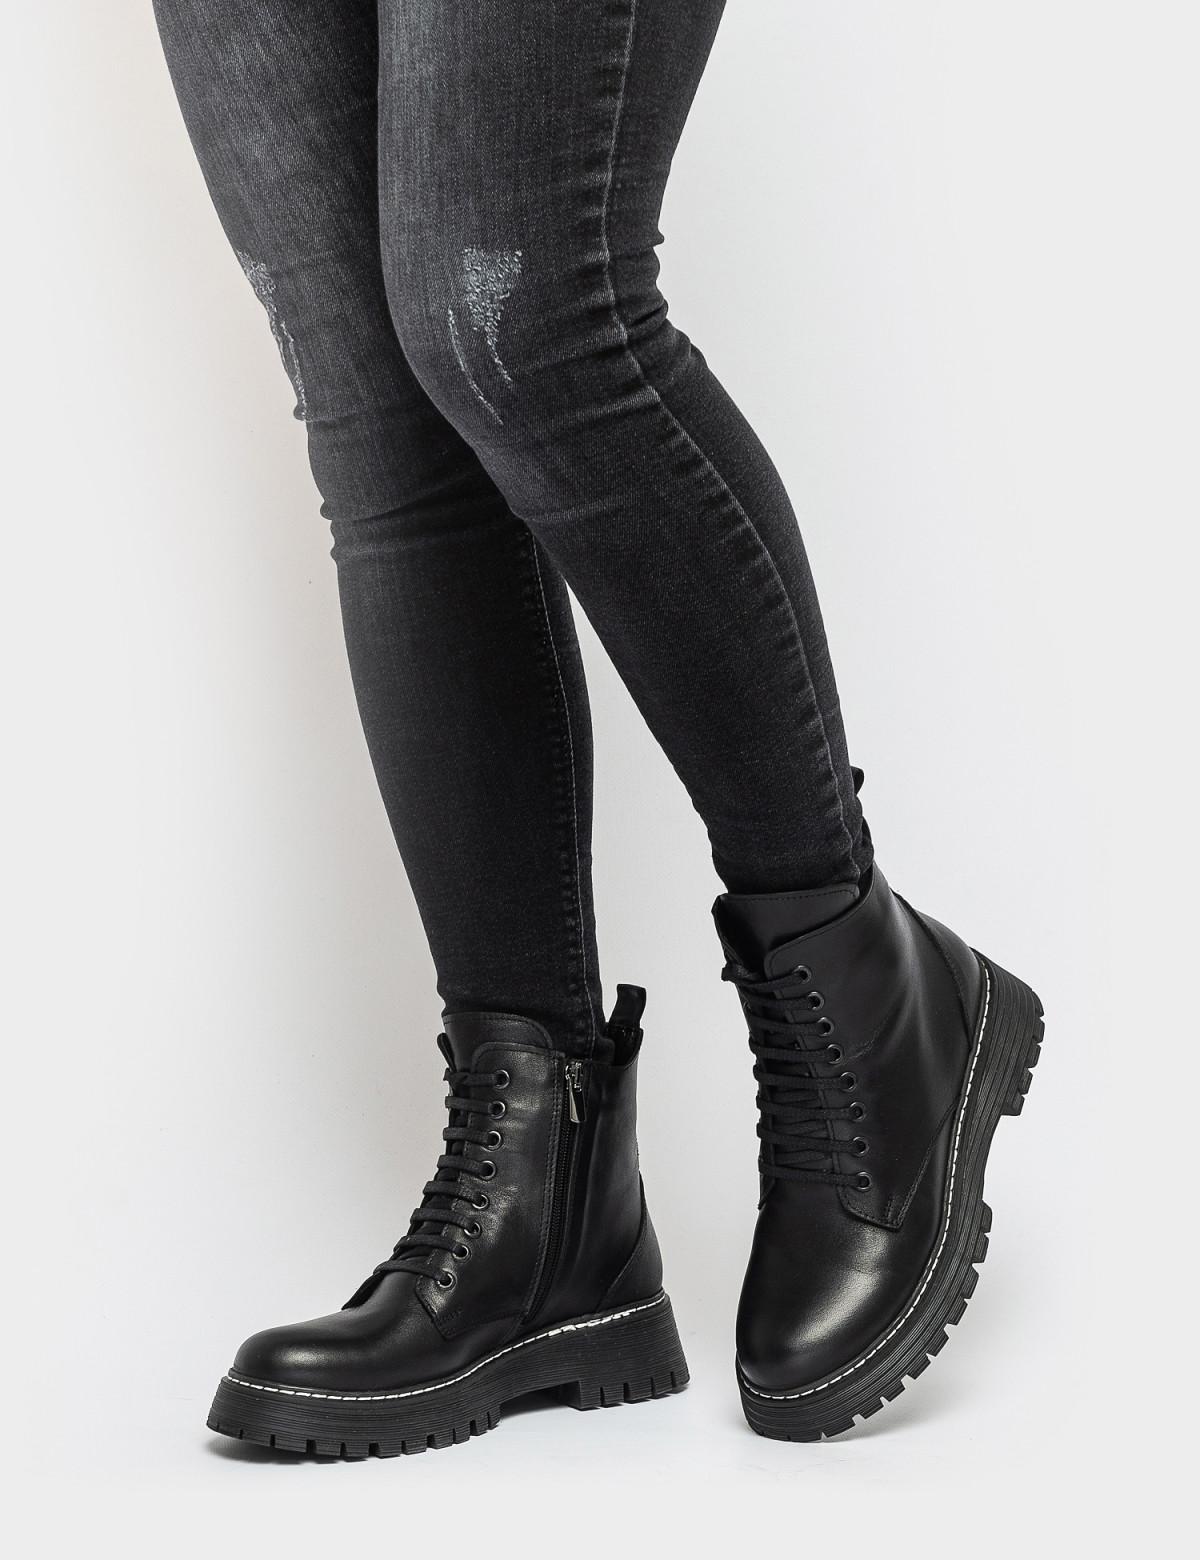 Ботинки черные. Натуральная кожа. Мех4